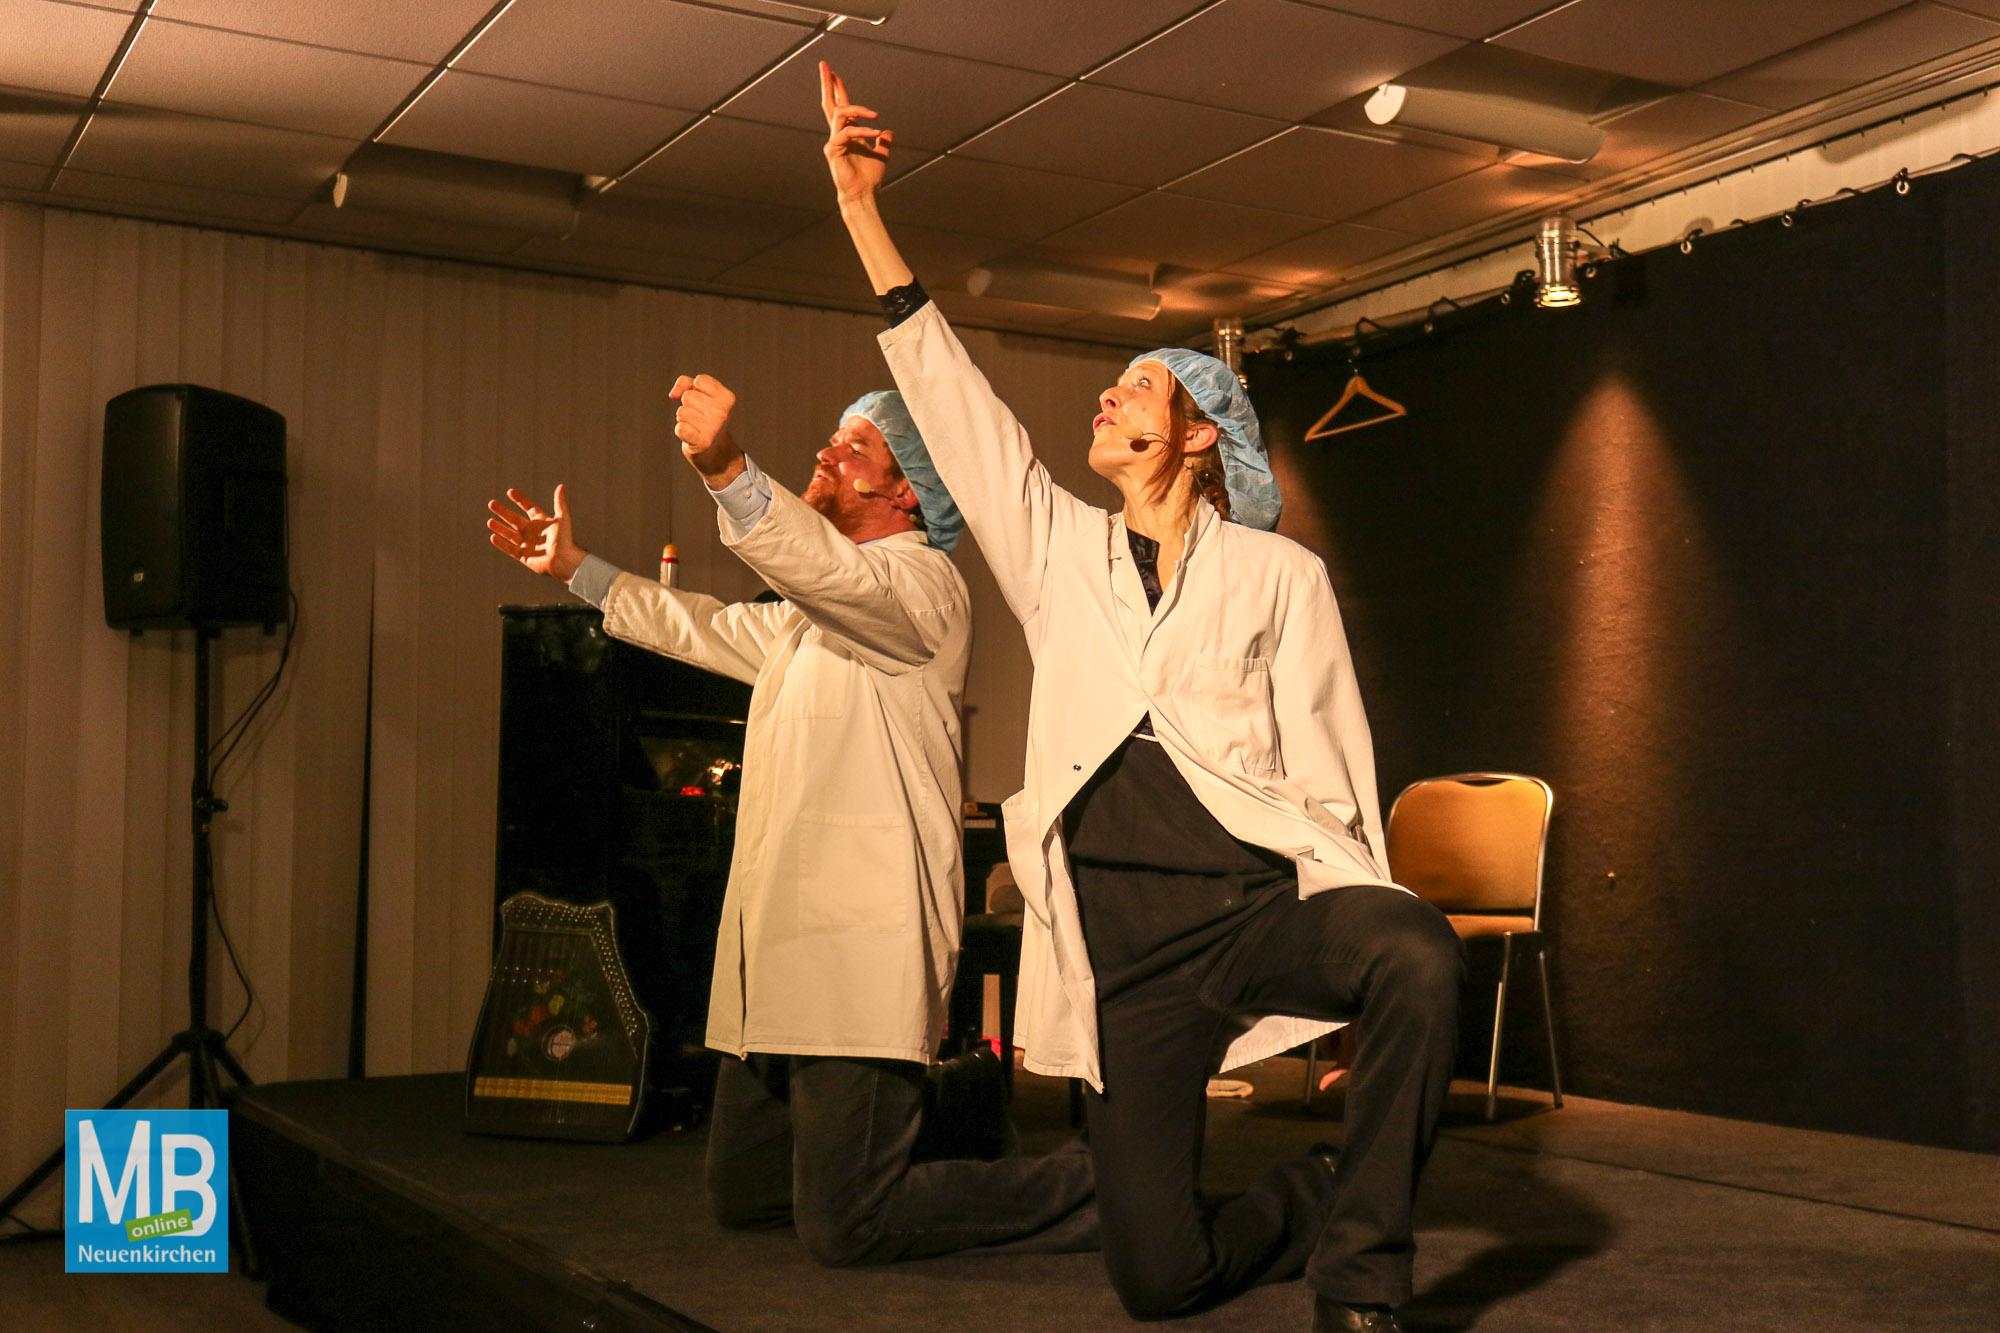 """Kabarett """"Geniale Momente"""" mit Irmhild Willenbrink und Markus Fischer   Foto: Tom Wunderlich"""